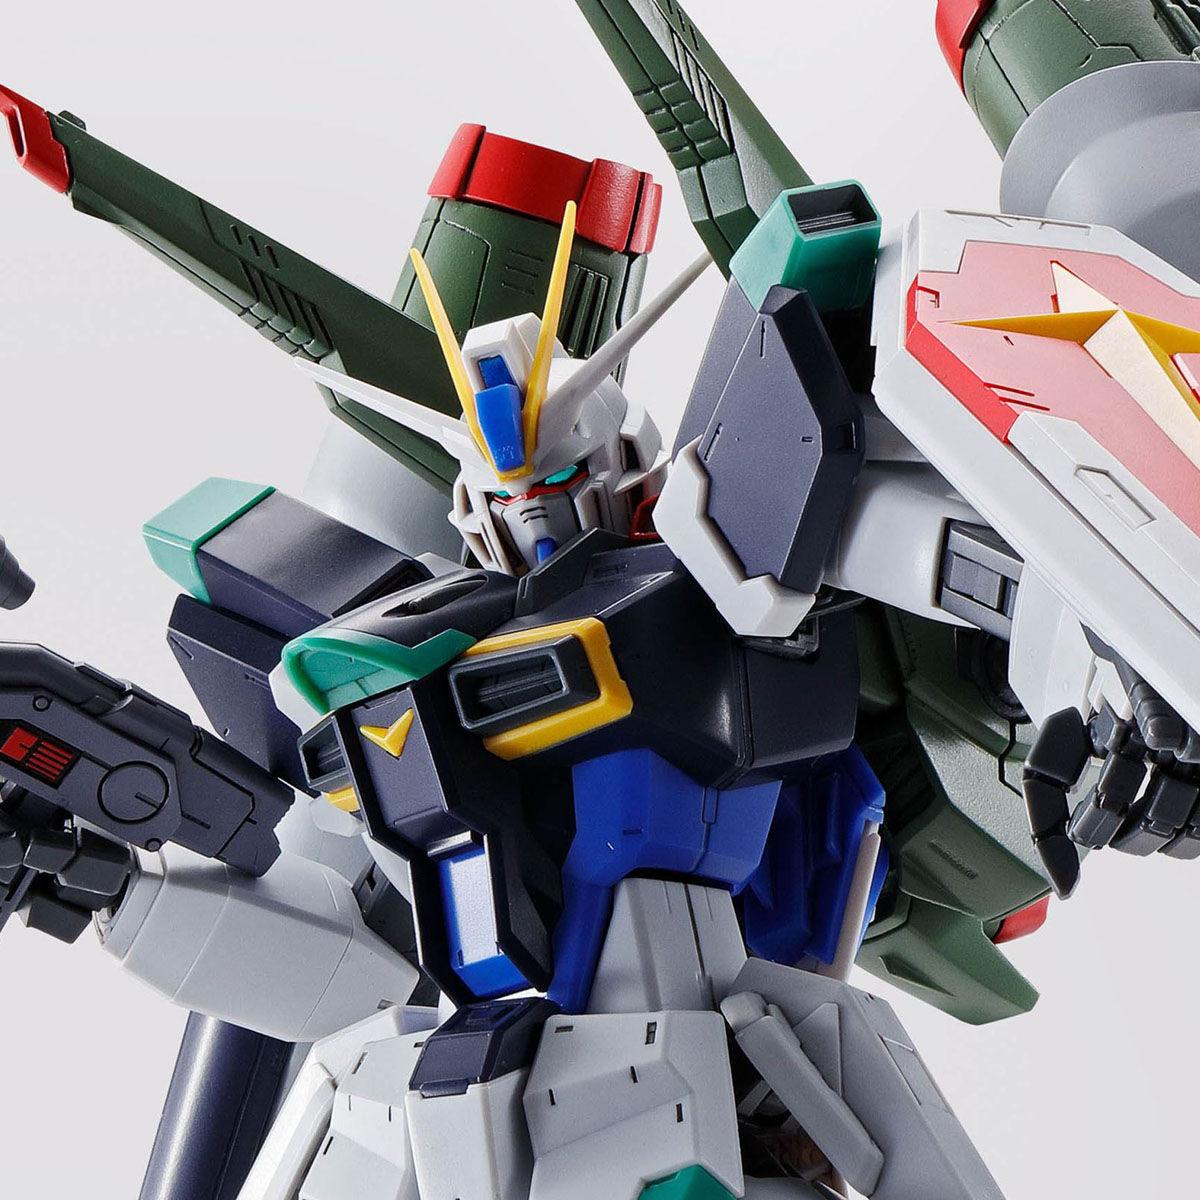 【限定販売】MG 1/100『ブラストインパルスガンダム』プラモデル-001